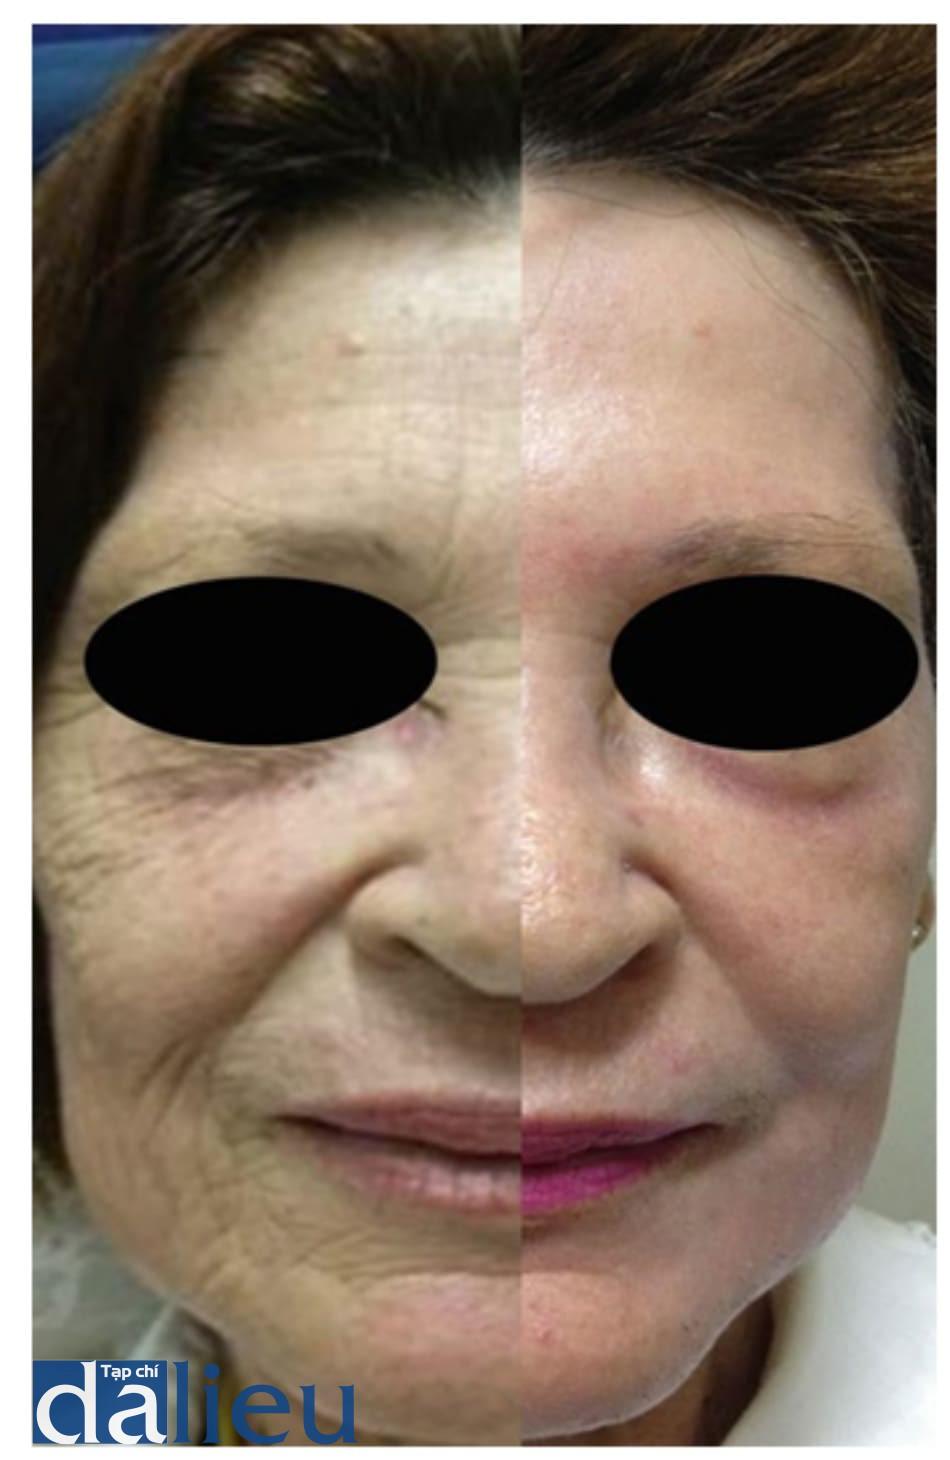 Hình 7: peel toàn bộ mặt với phenol-dầu croton, bỏ qua vùng dưới quanh ổ mắt do vùng dưới mắt quá lỏng lẻo (snap-back test dương tính). sau 30 ngày, peel vùng dưới ổ mắt với peel nông bằng dung dịch Jessner sau khi peel bởi TCA 35% (theo cách peel của Monheit). Phải và trái: cùng một bên, bằng chứng là nốt nevus trong thượng bì ở vùng trán. Trái: trước. Phải: 2 tháng sau peel phenol-dầu croton và 1 tháng sau phương pháp peel của Monheit ở vùng dưới mí.